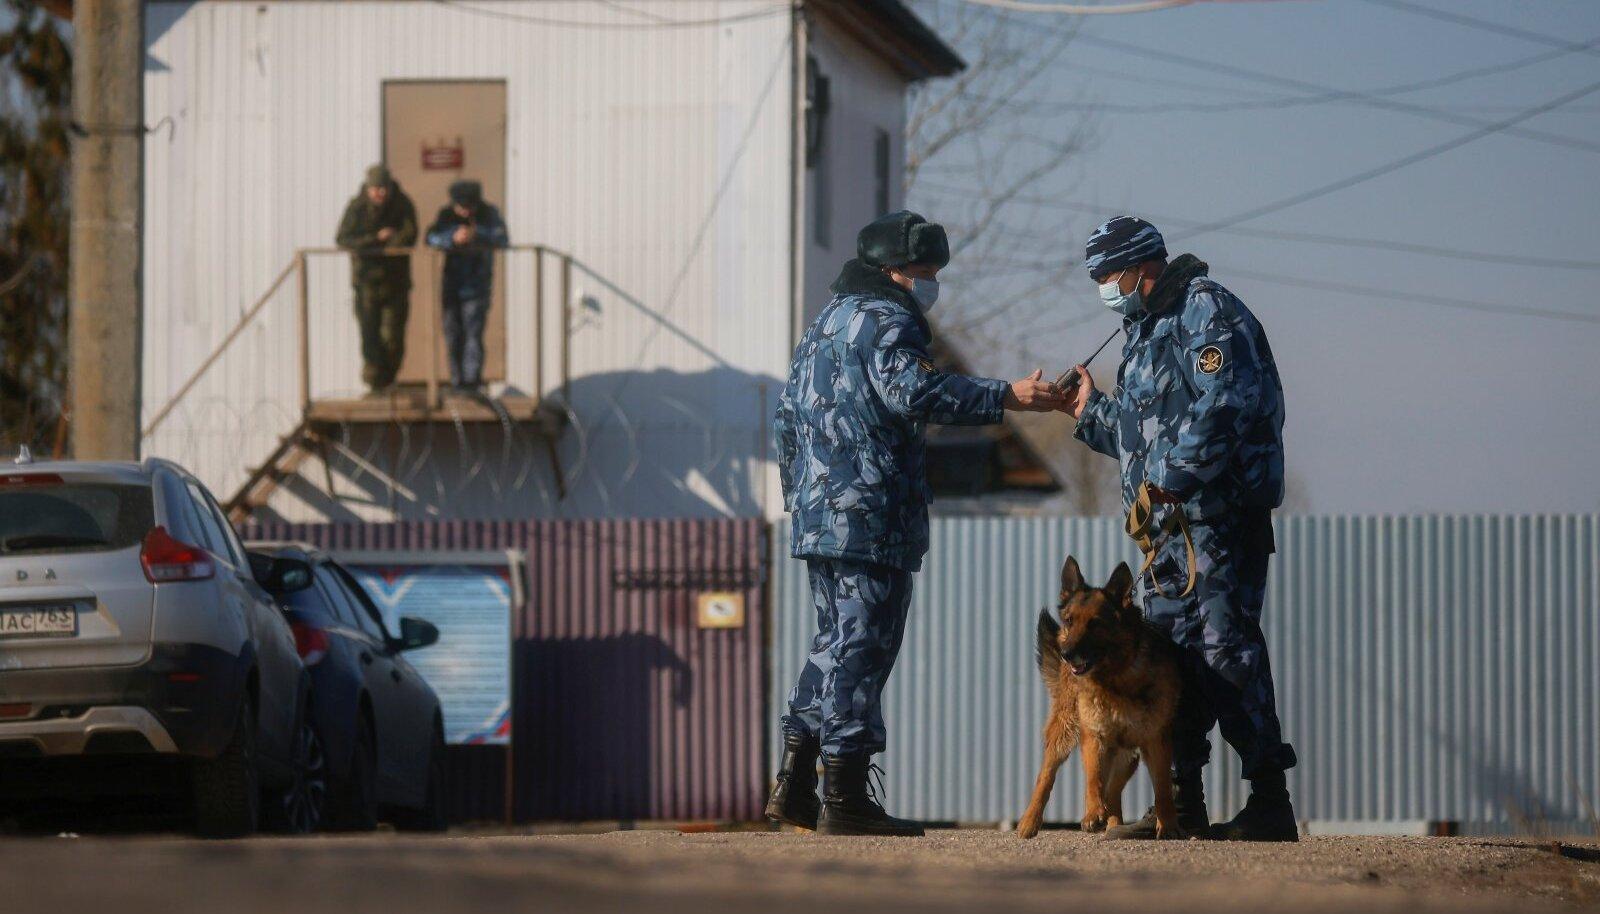 Pokrovi karistuskoloonia oli täna, kui selle juures avaldasid meelt arstid, vanglatöötajate raudse valve all.